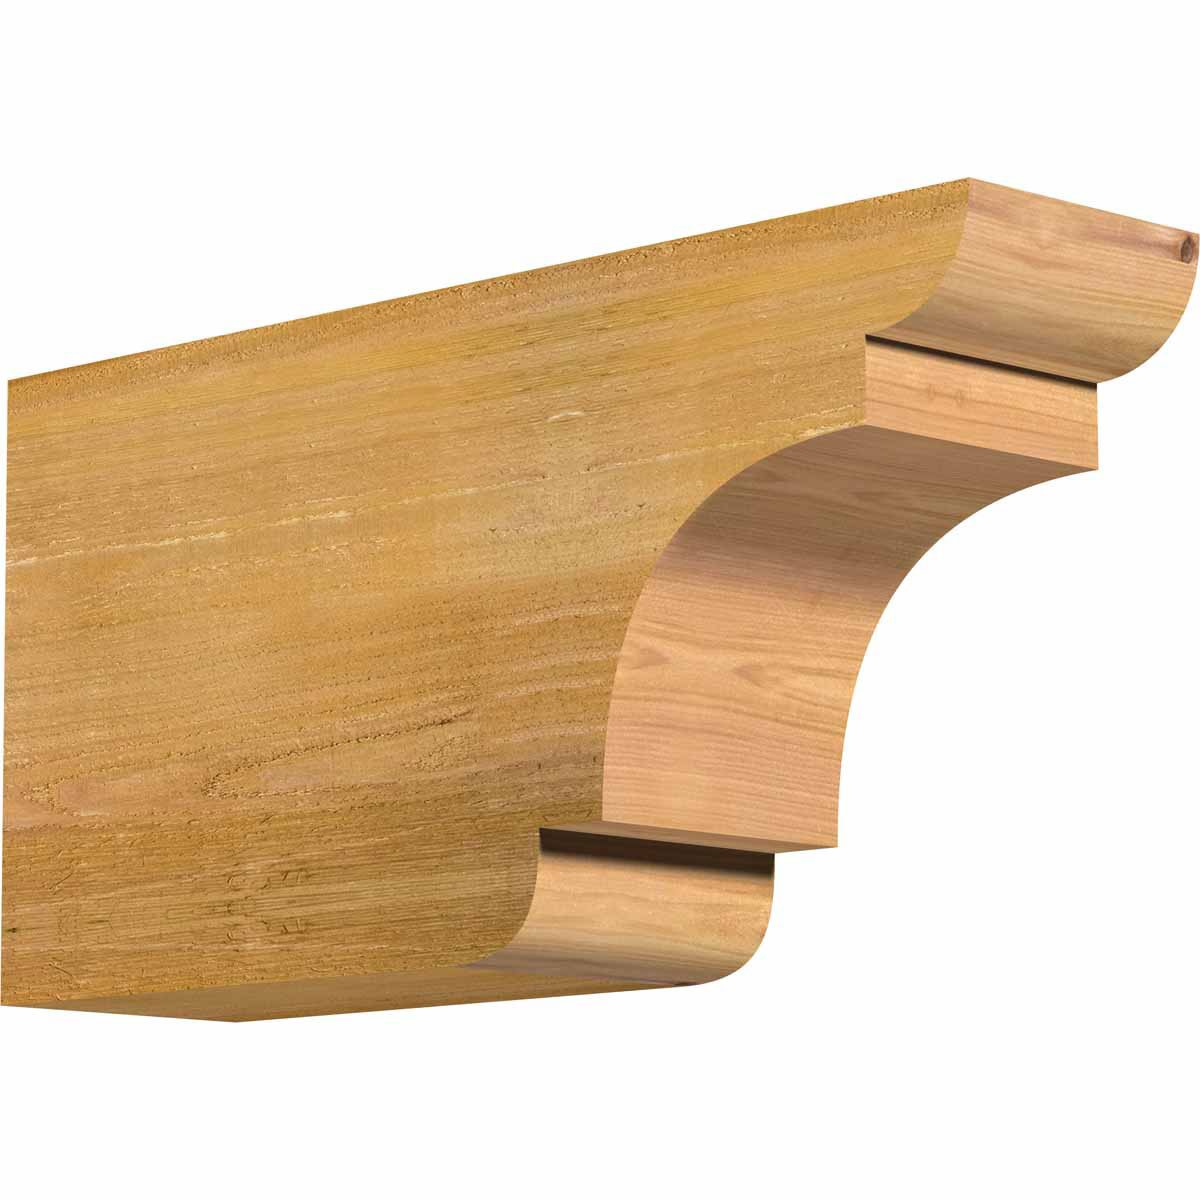 Ekena Millwork RFT06X12X24NEB00RWR New Brighton Rough Sawn Rafter Tail, 6'' Width by 12'' Height by 24'' Length, Western Red Cedar